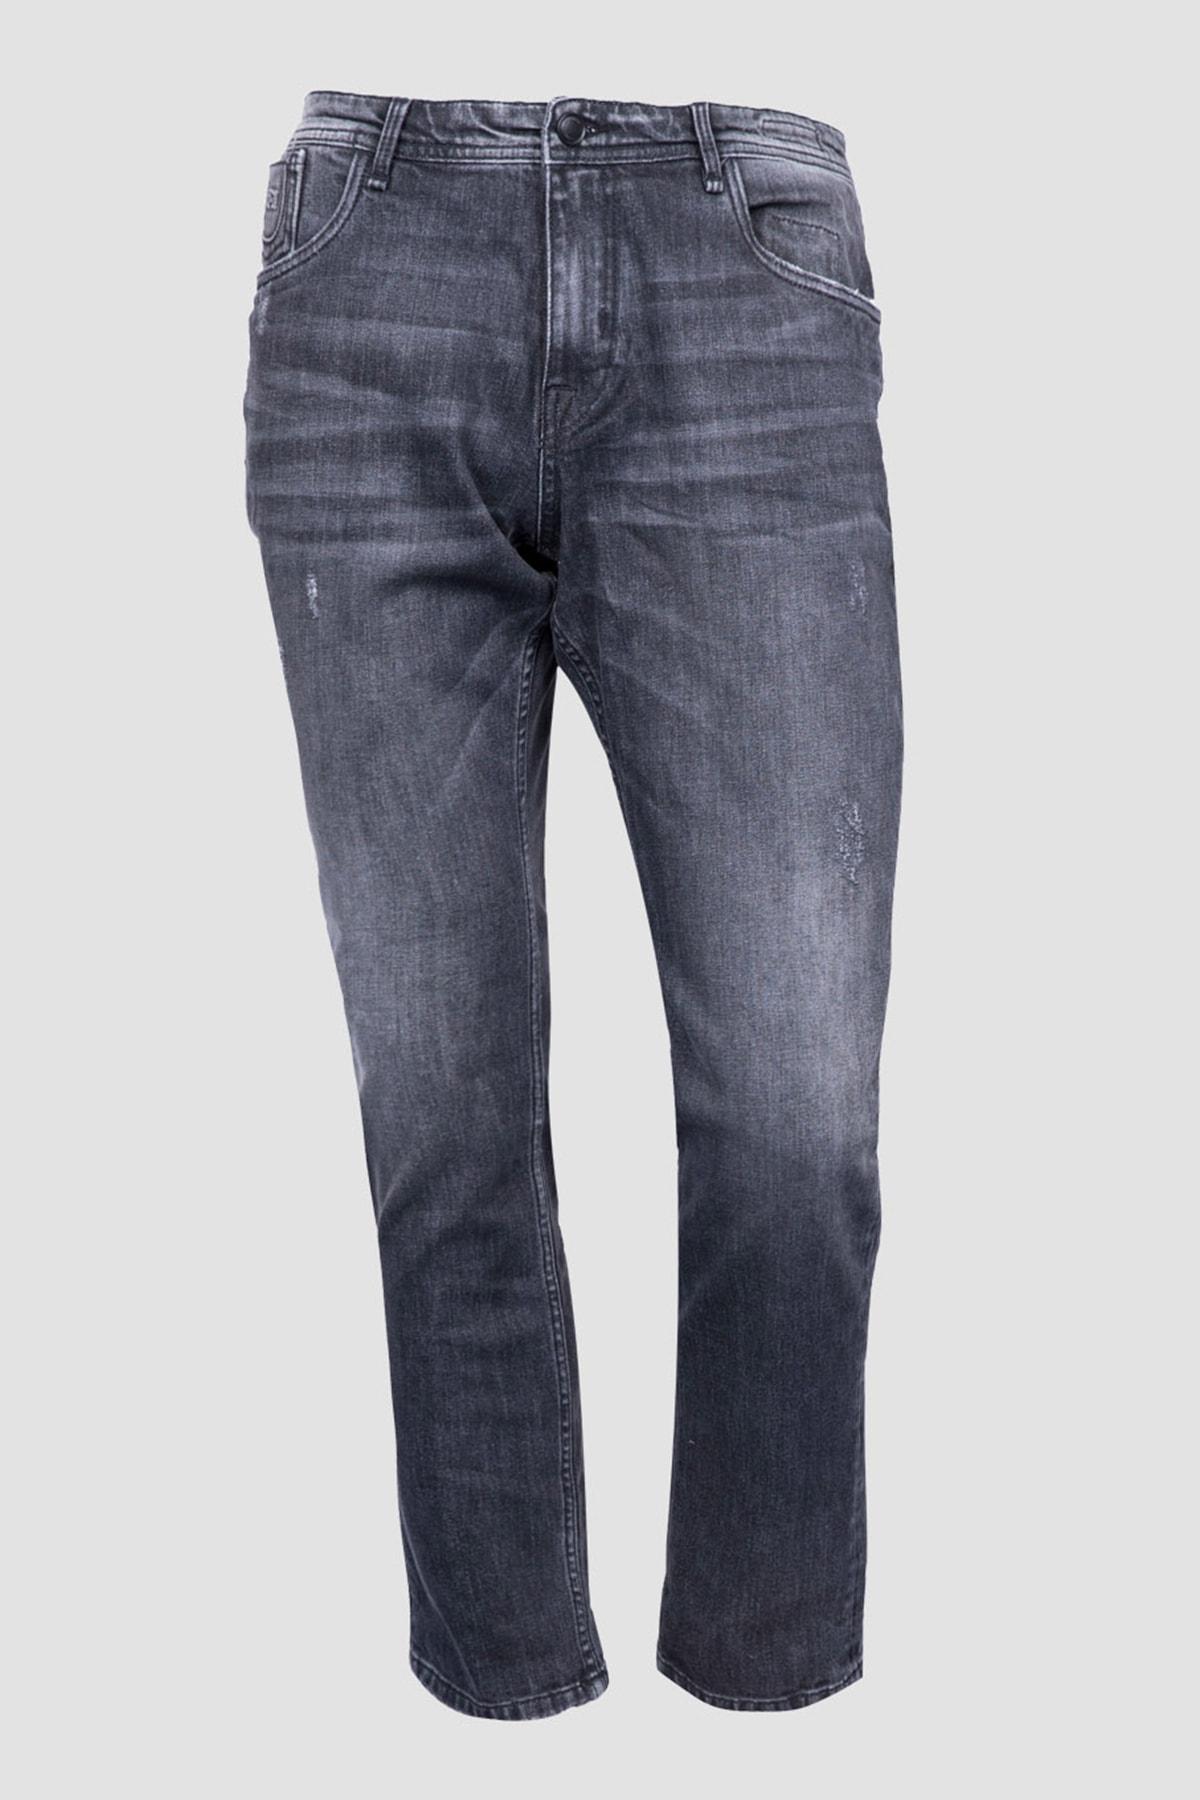 Lufian Felıp Smart Jean Pantolon Regular Fit Antrasit